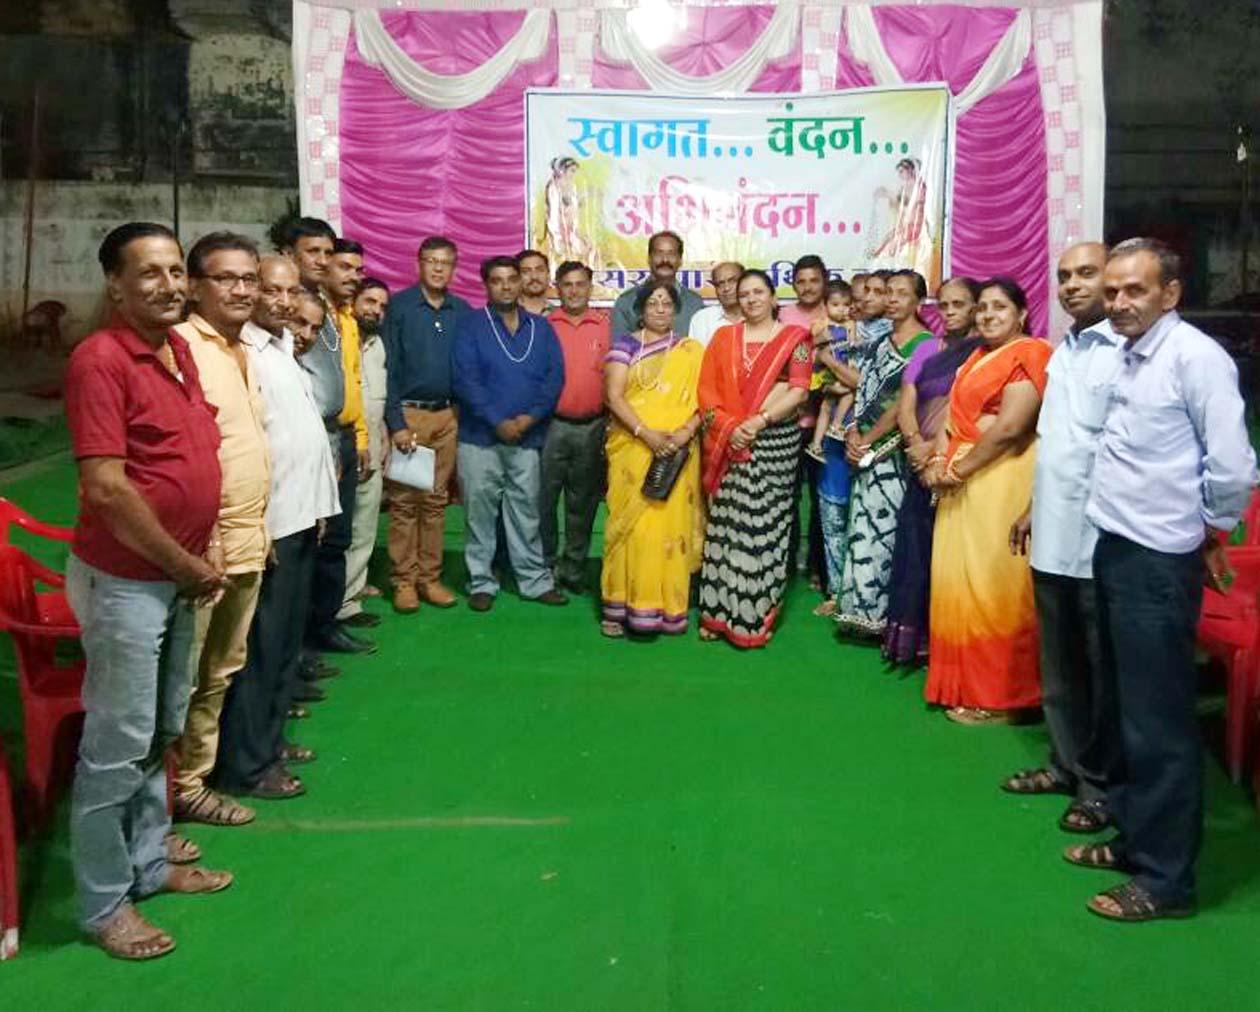 Asra-Parartharthik-Trust-organized-a-quarterly-meeting-आसरा पारमार्थिक ट्रस्ट की त्रेमासिक बैठक का हुआ आयोजन